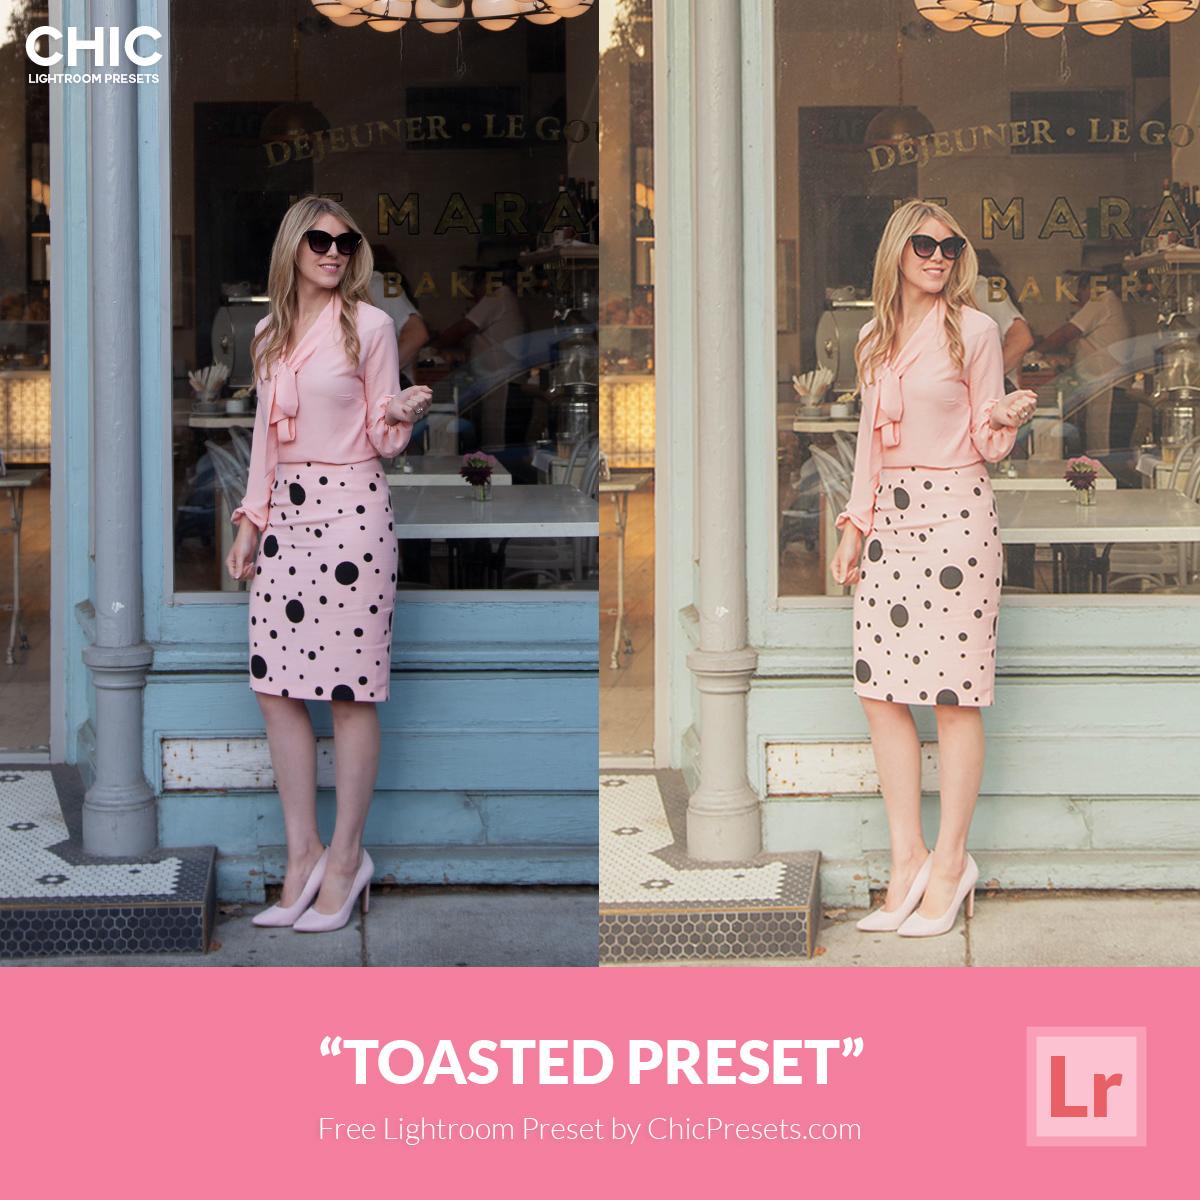 Free Lightroom Preset | Toasted